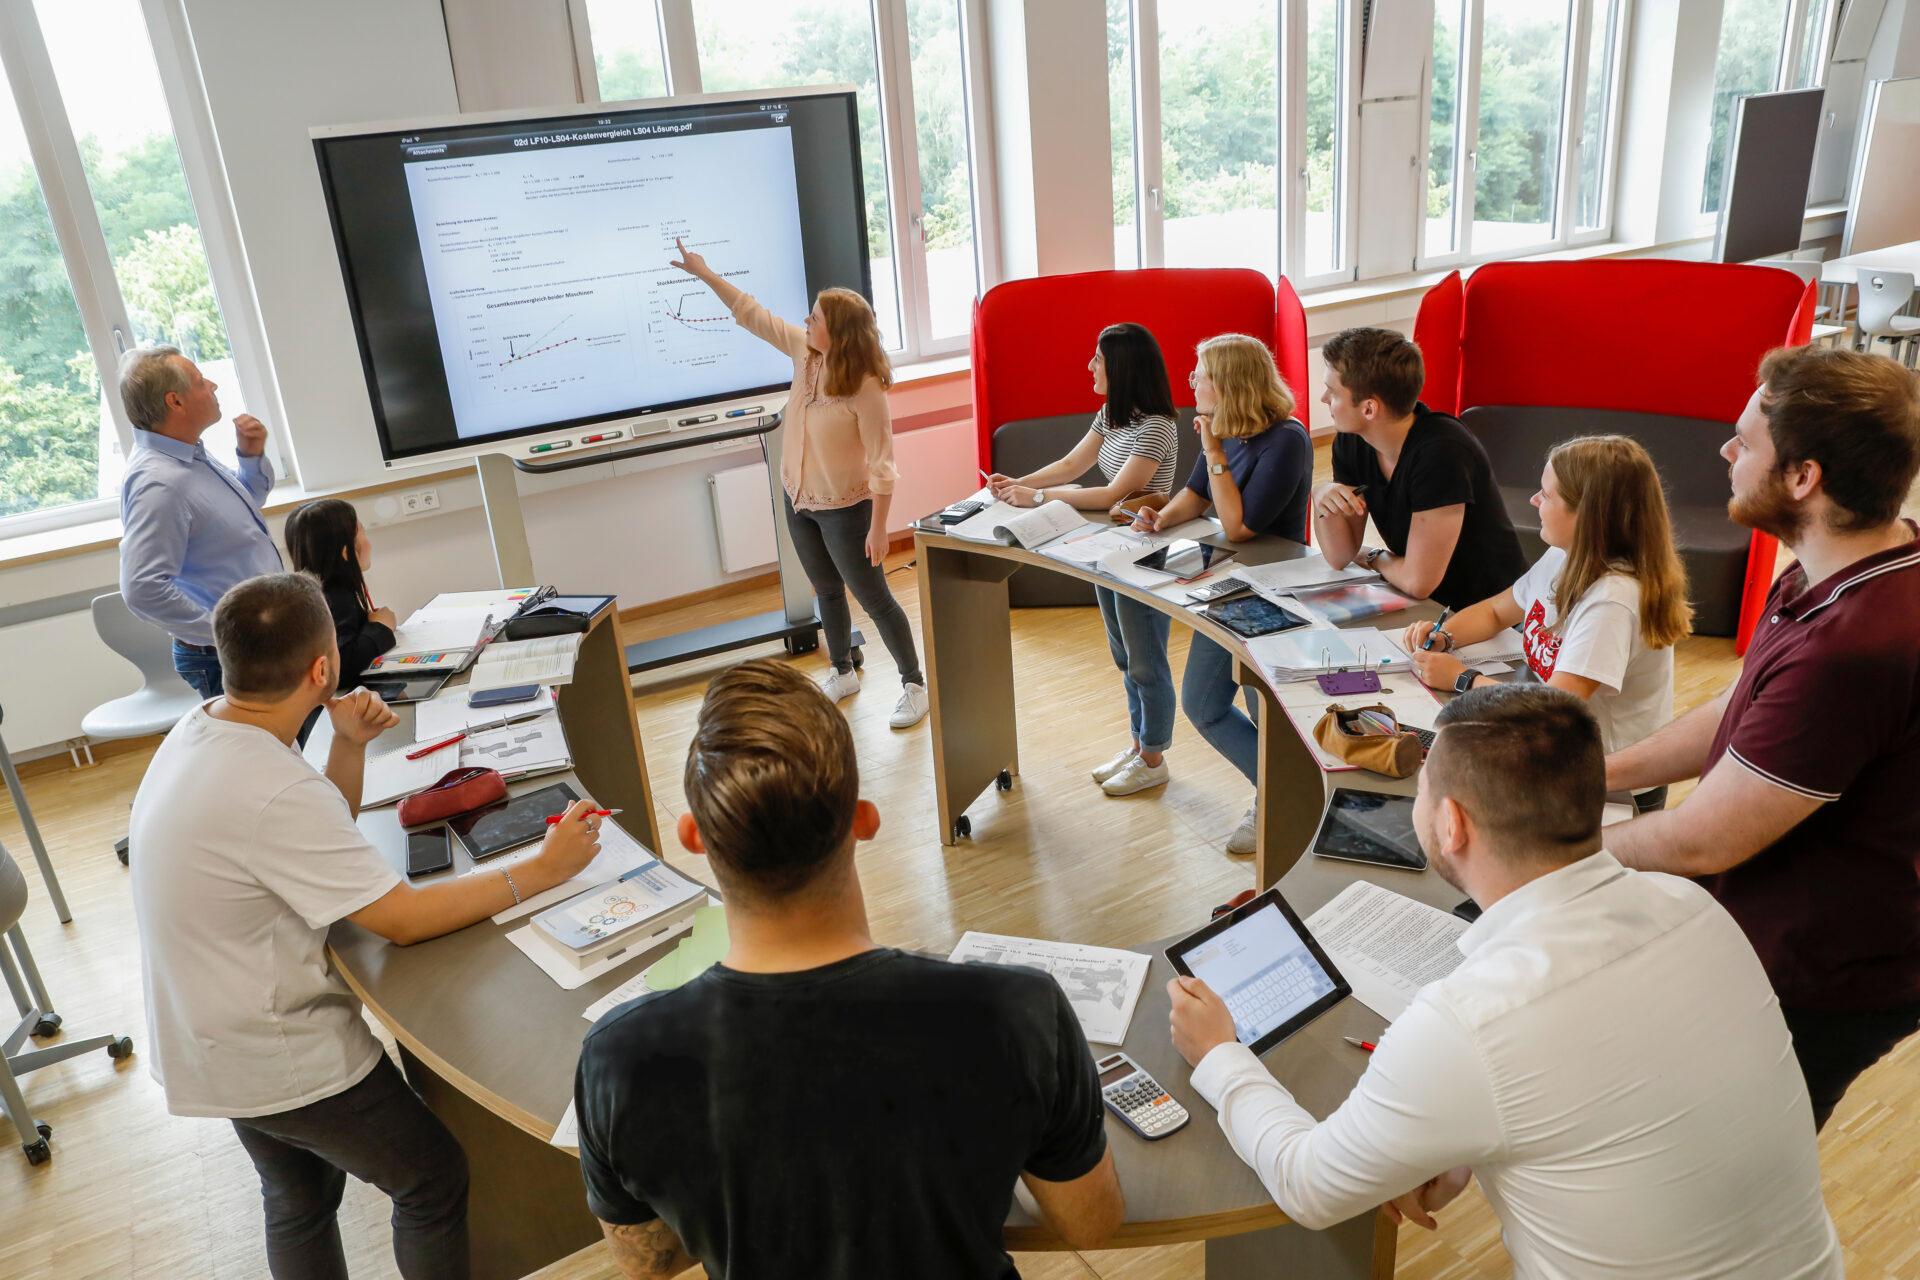 das Bild zeigt 7 Schüler und Schülerinnen in einem Halbkreis an Tischen sitzen und eine Lehrerin davor an einer elektronischen Wandtafel